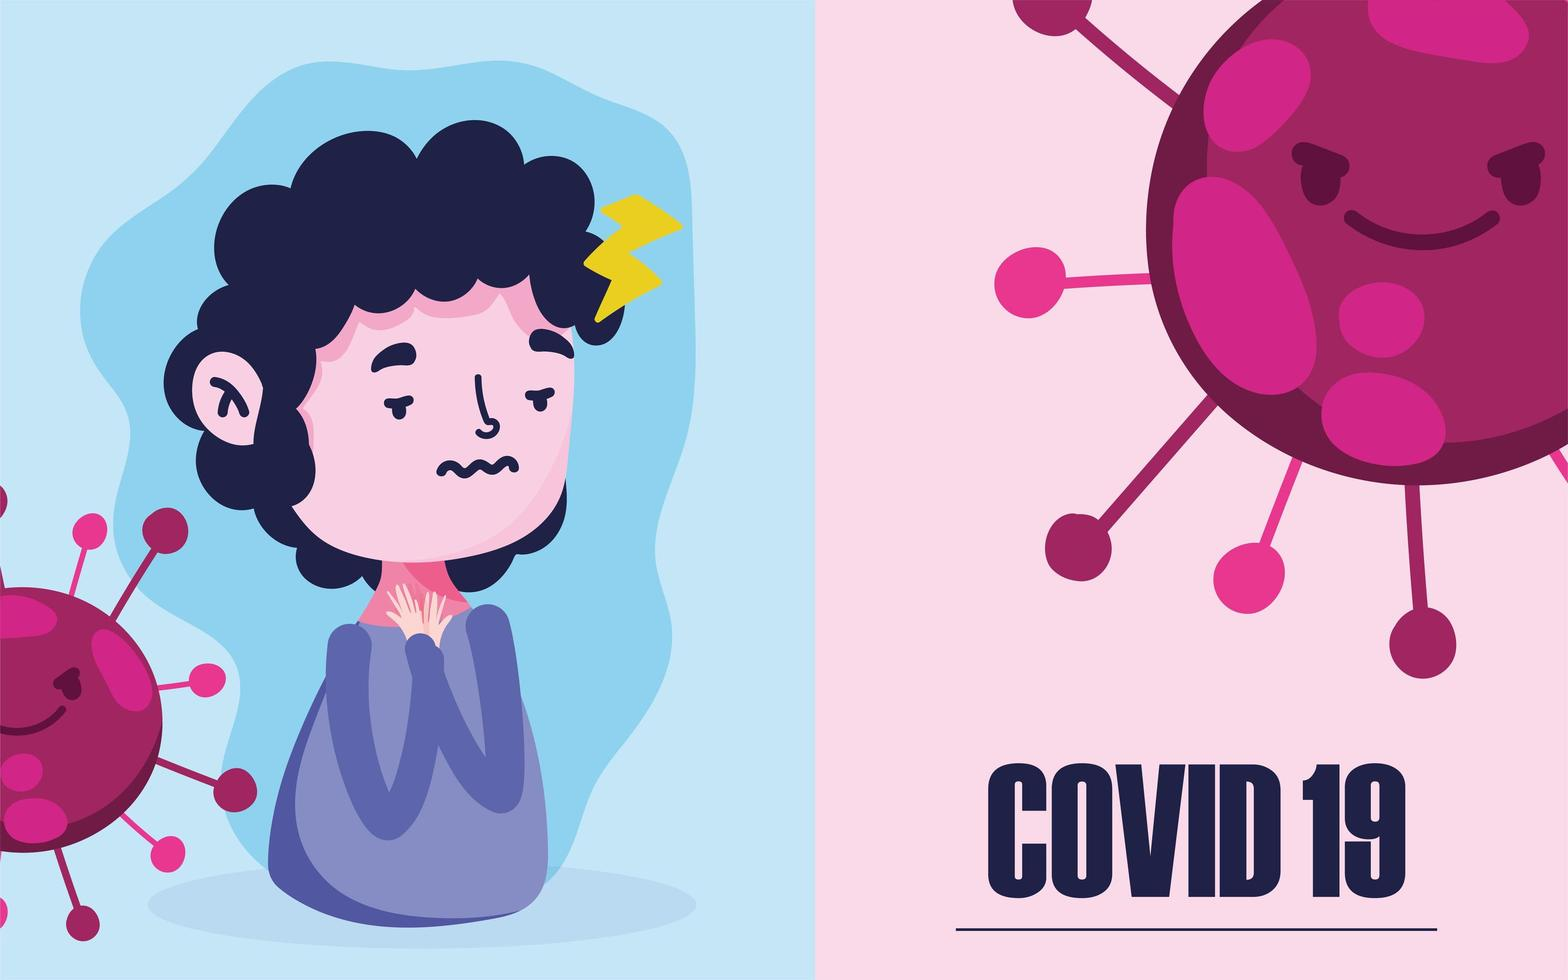 covid 19-pandemi med pojke med feber och huvudvärk vektor